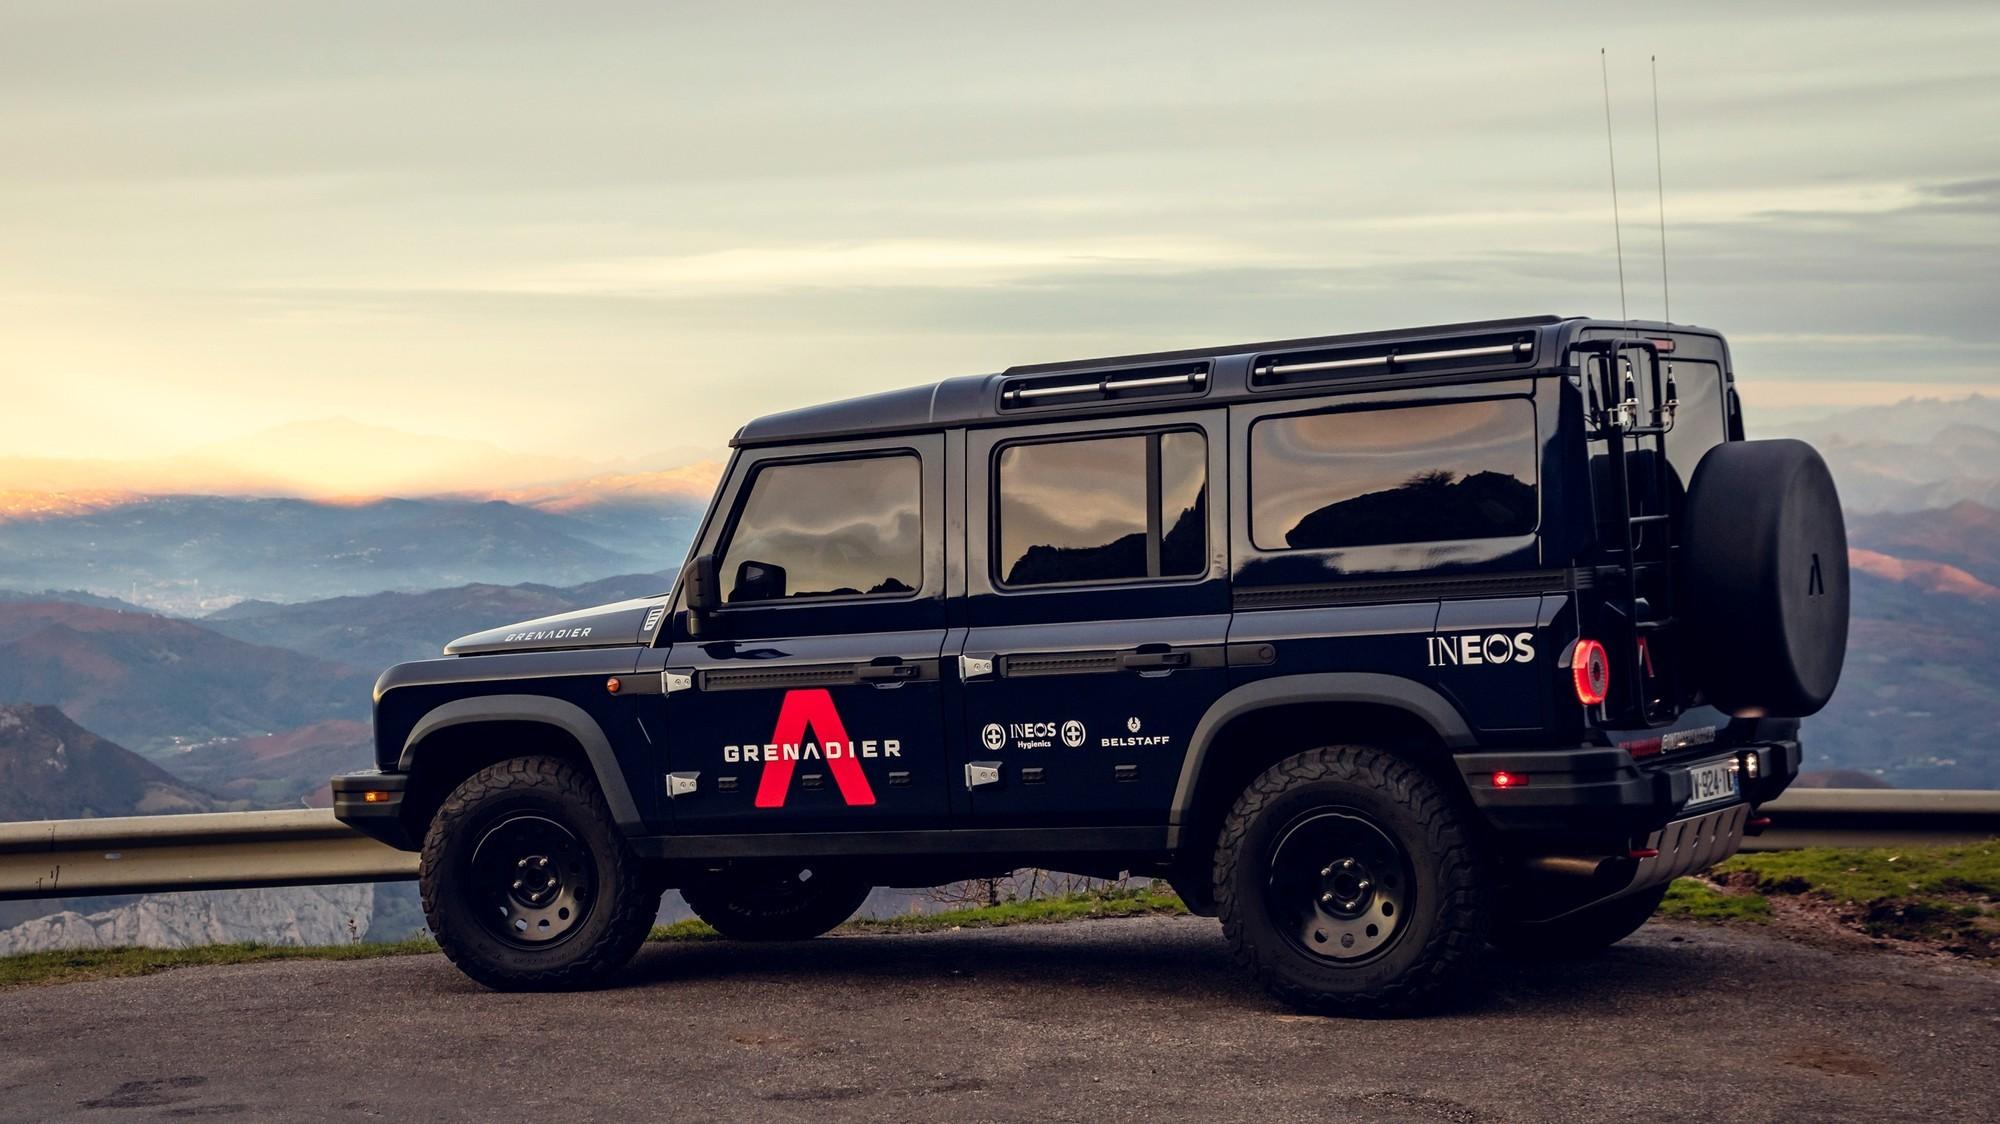 Внедорожник Ineos Grenadier примерит водородную силовую установку Hyundai